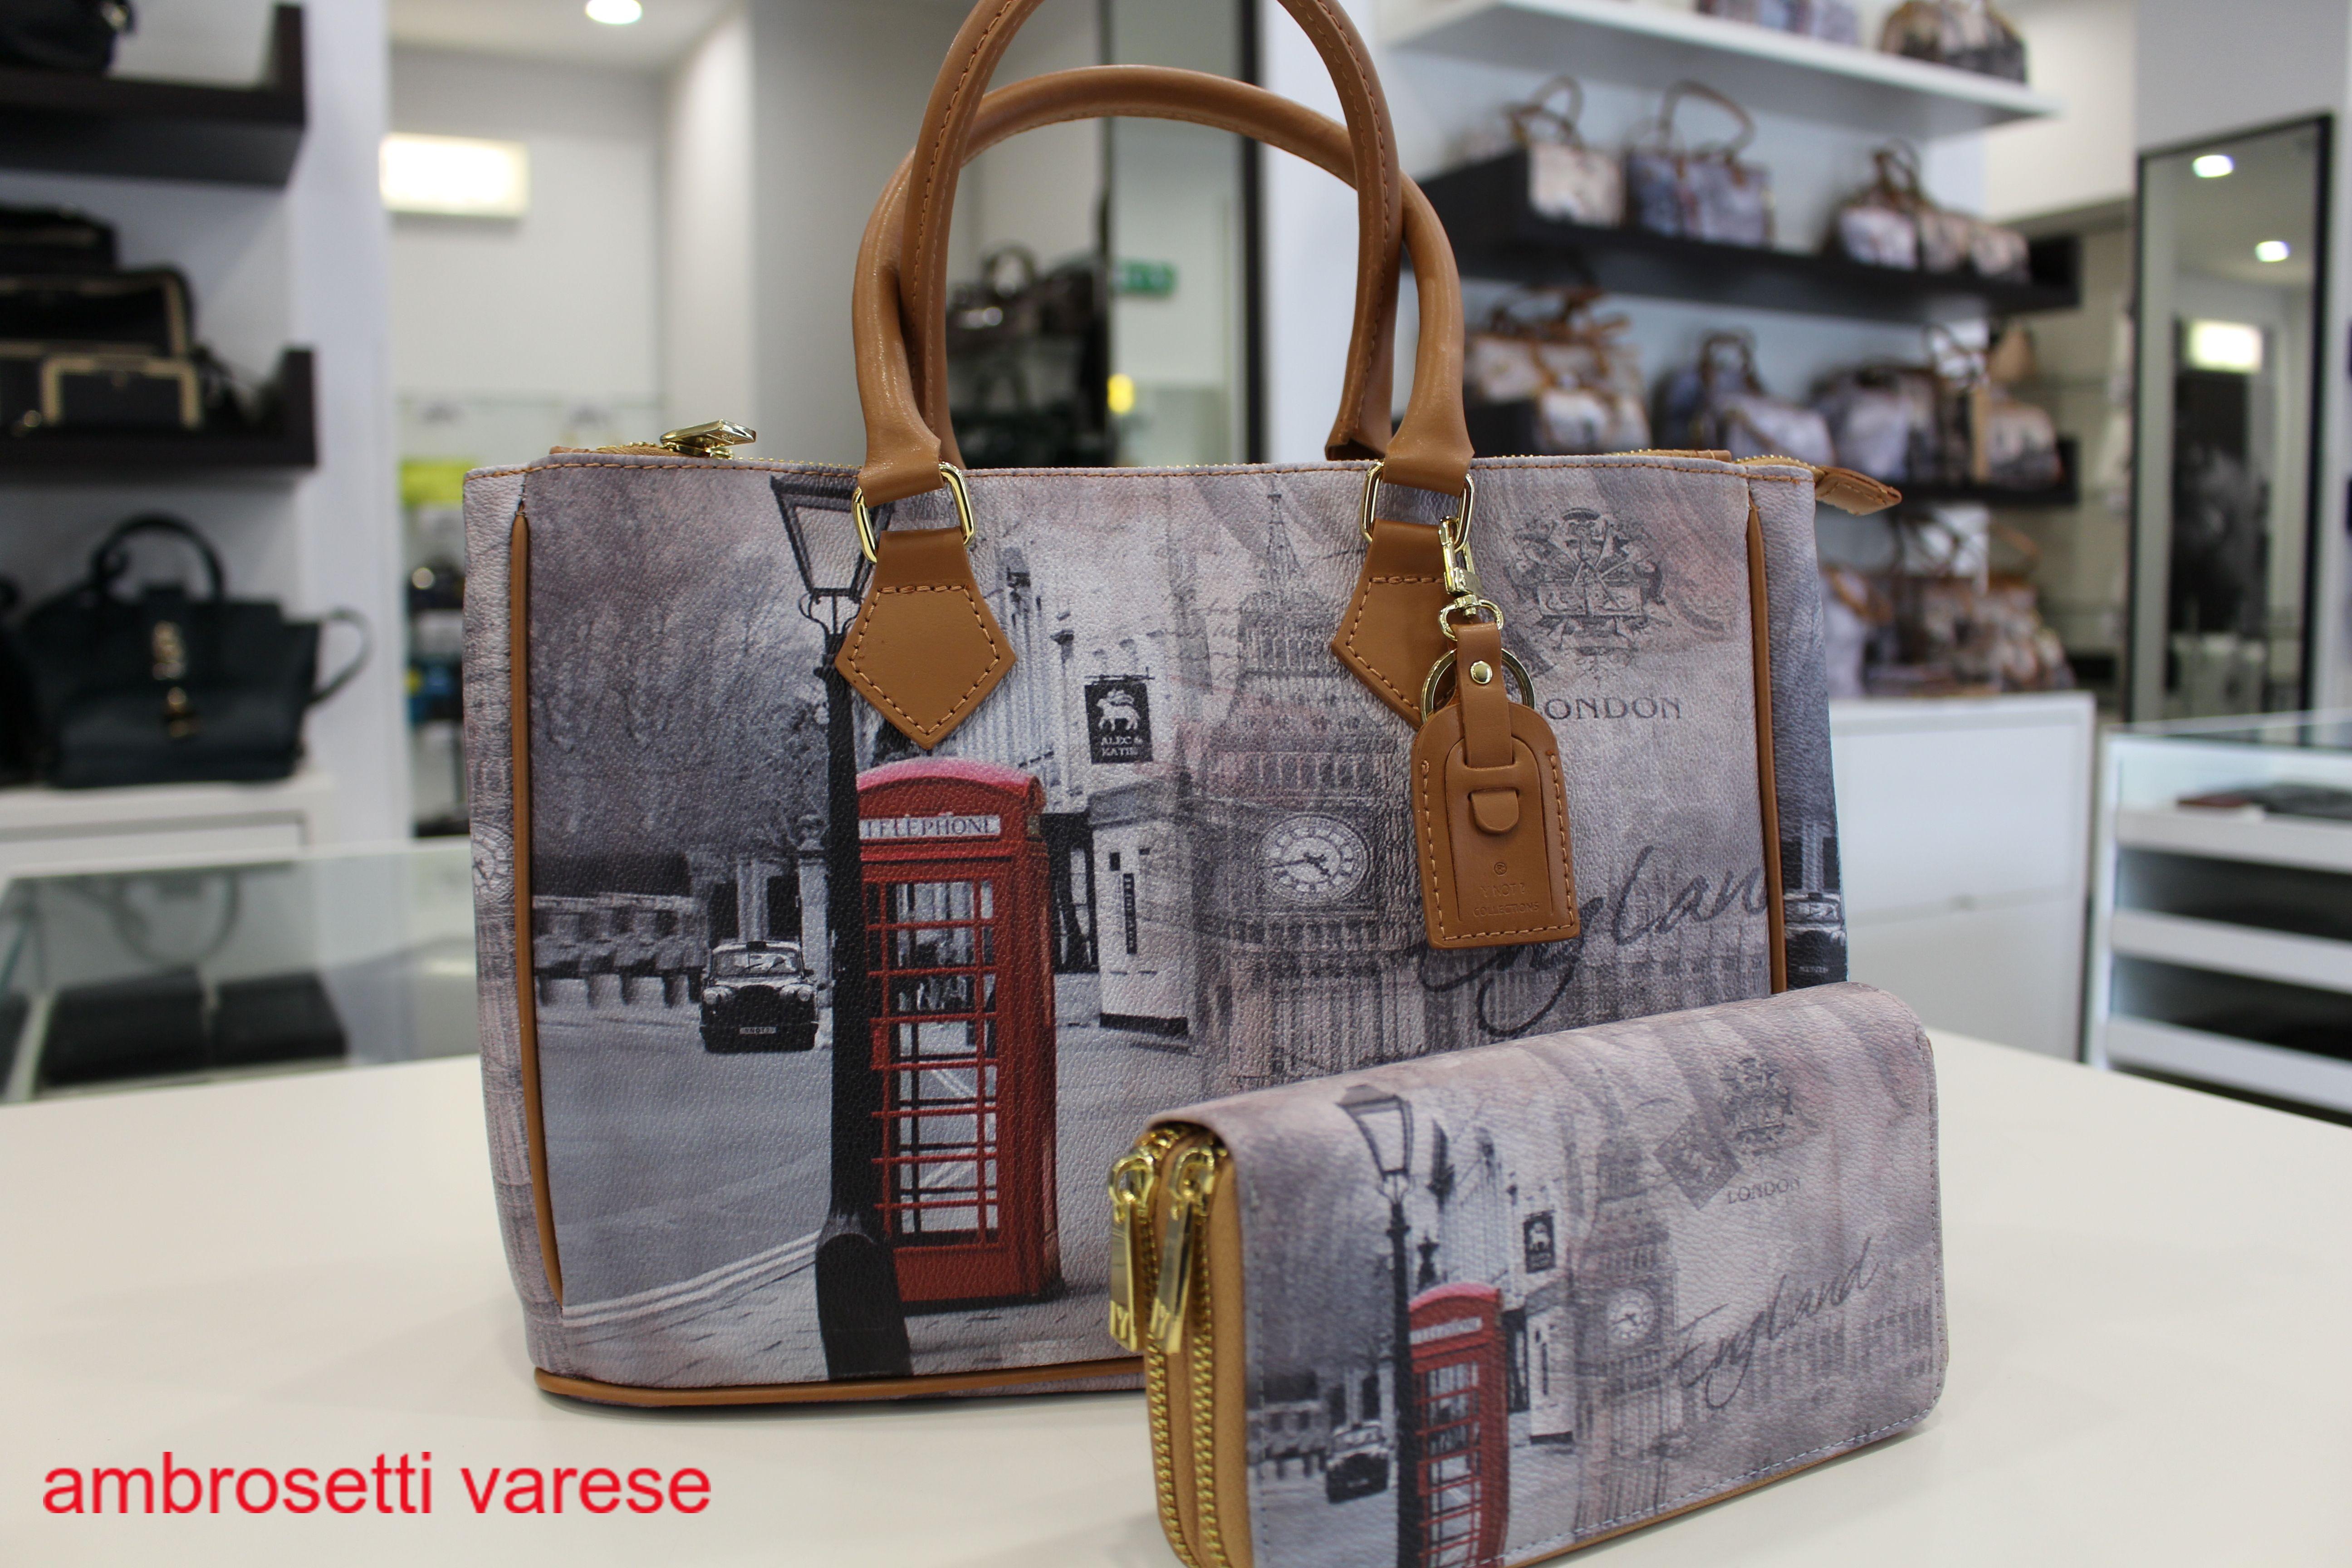 Nuova Collezione F W 2014 15 Shopping bag Ynot stampa PUB e portafoglio  doppia cerniera. 967d061a00f